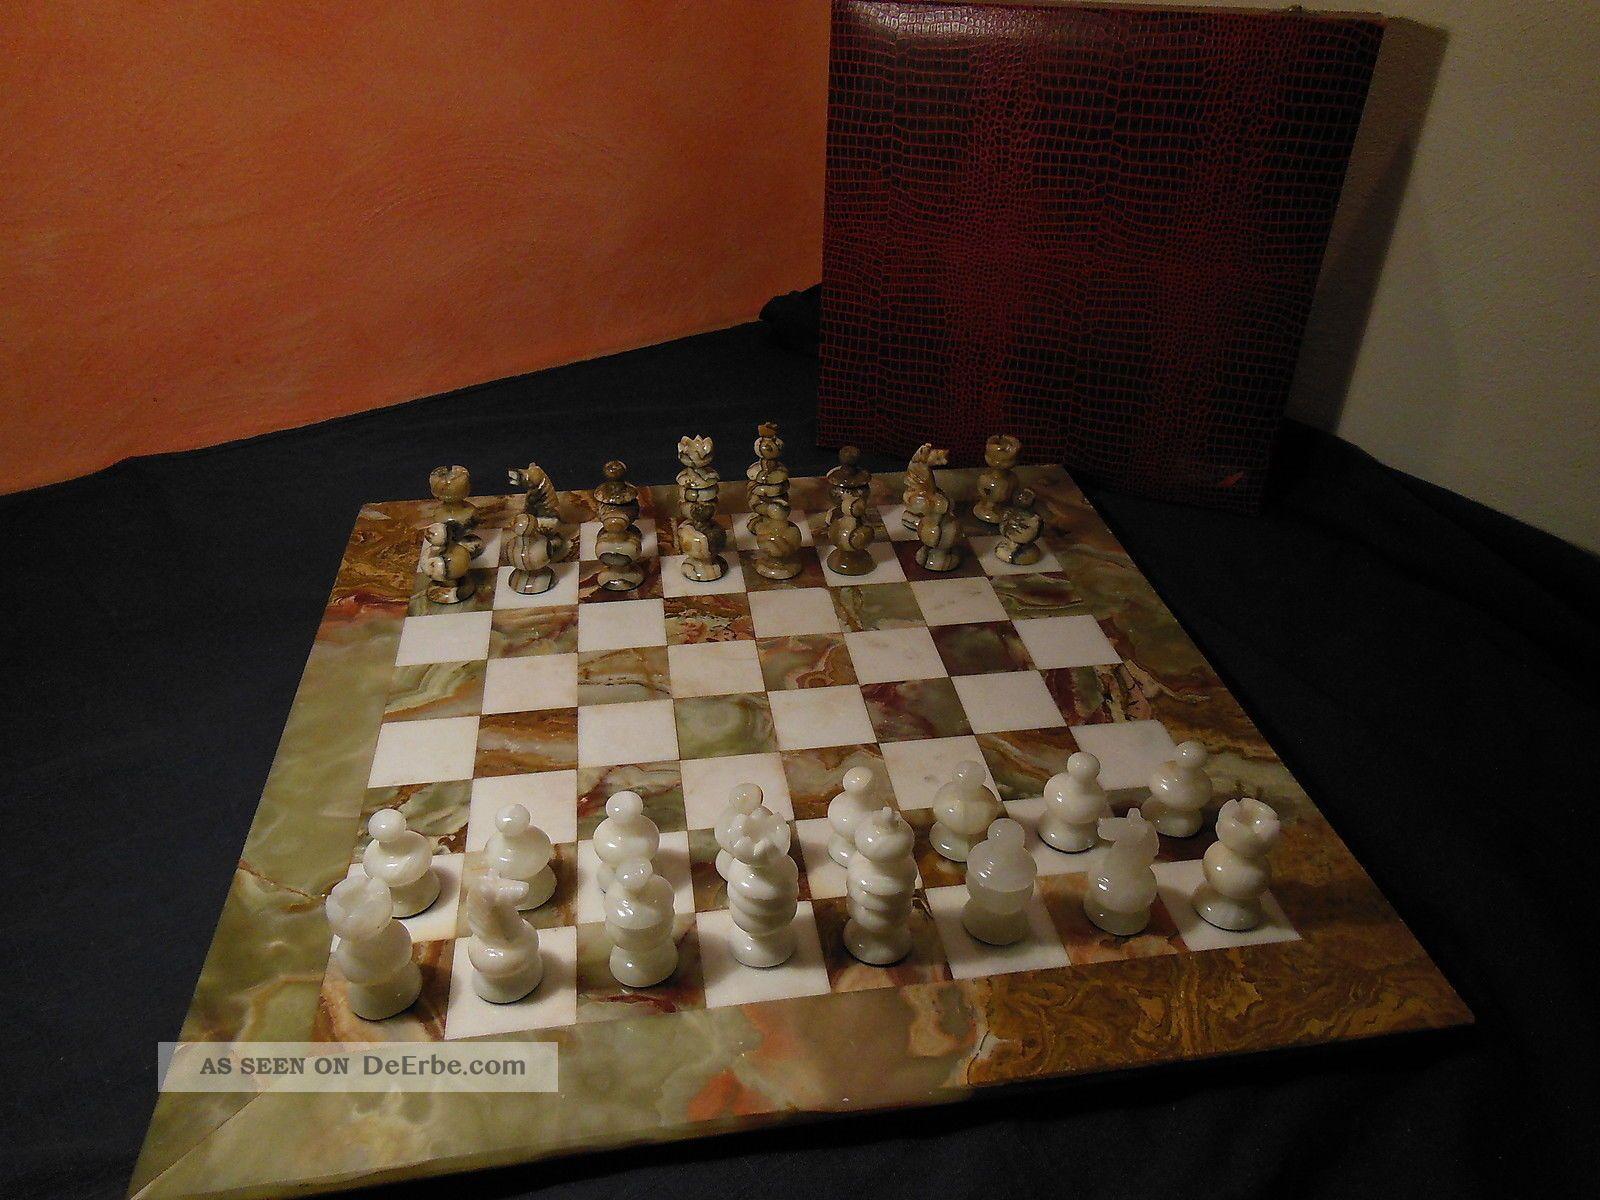 Gro es schweres schachspiel 50 x 50 cm onyx marmor for Onyx marmor tisch